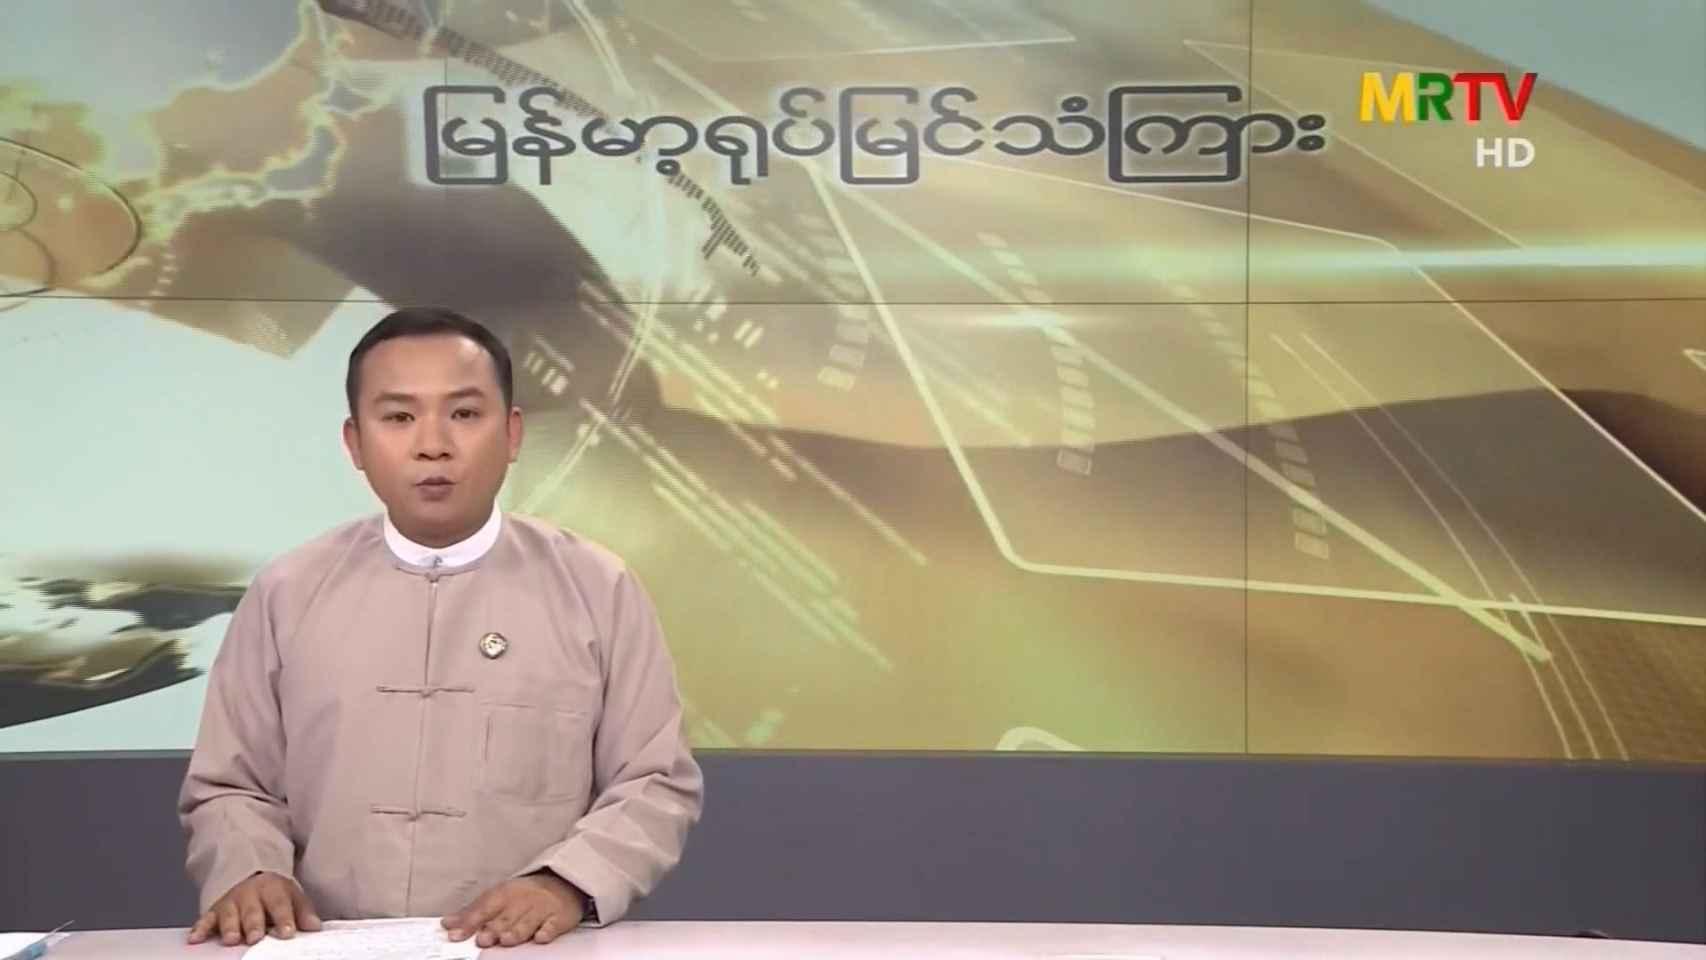 La junta militar birmana advierte a los manifestantes: la confrontación costará vidas